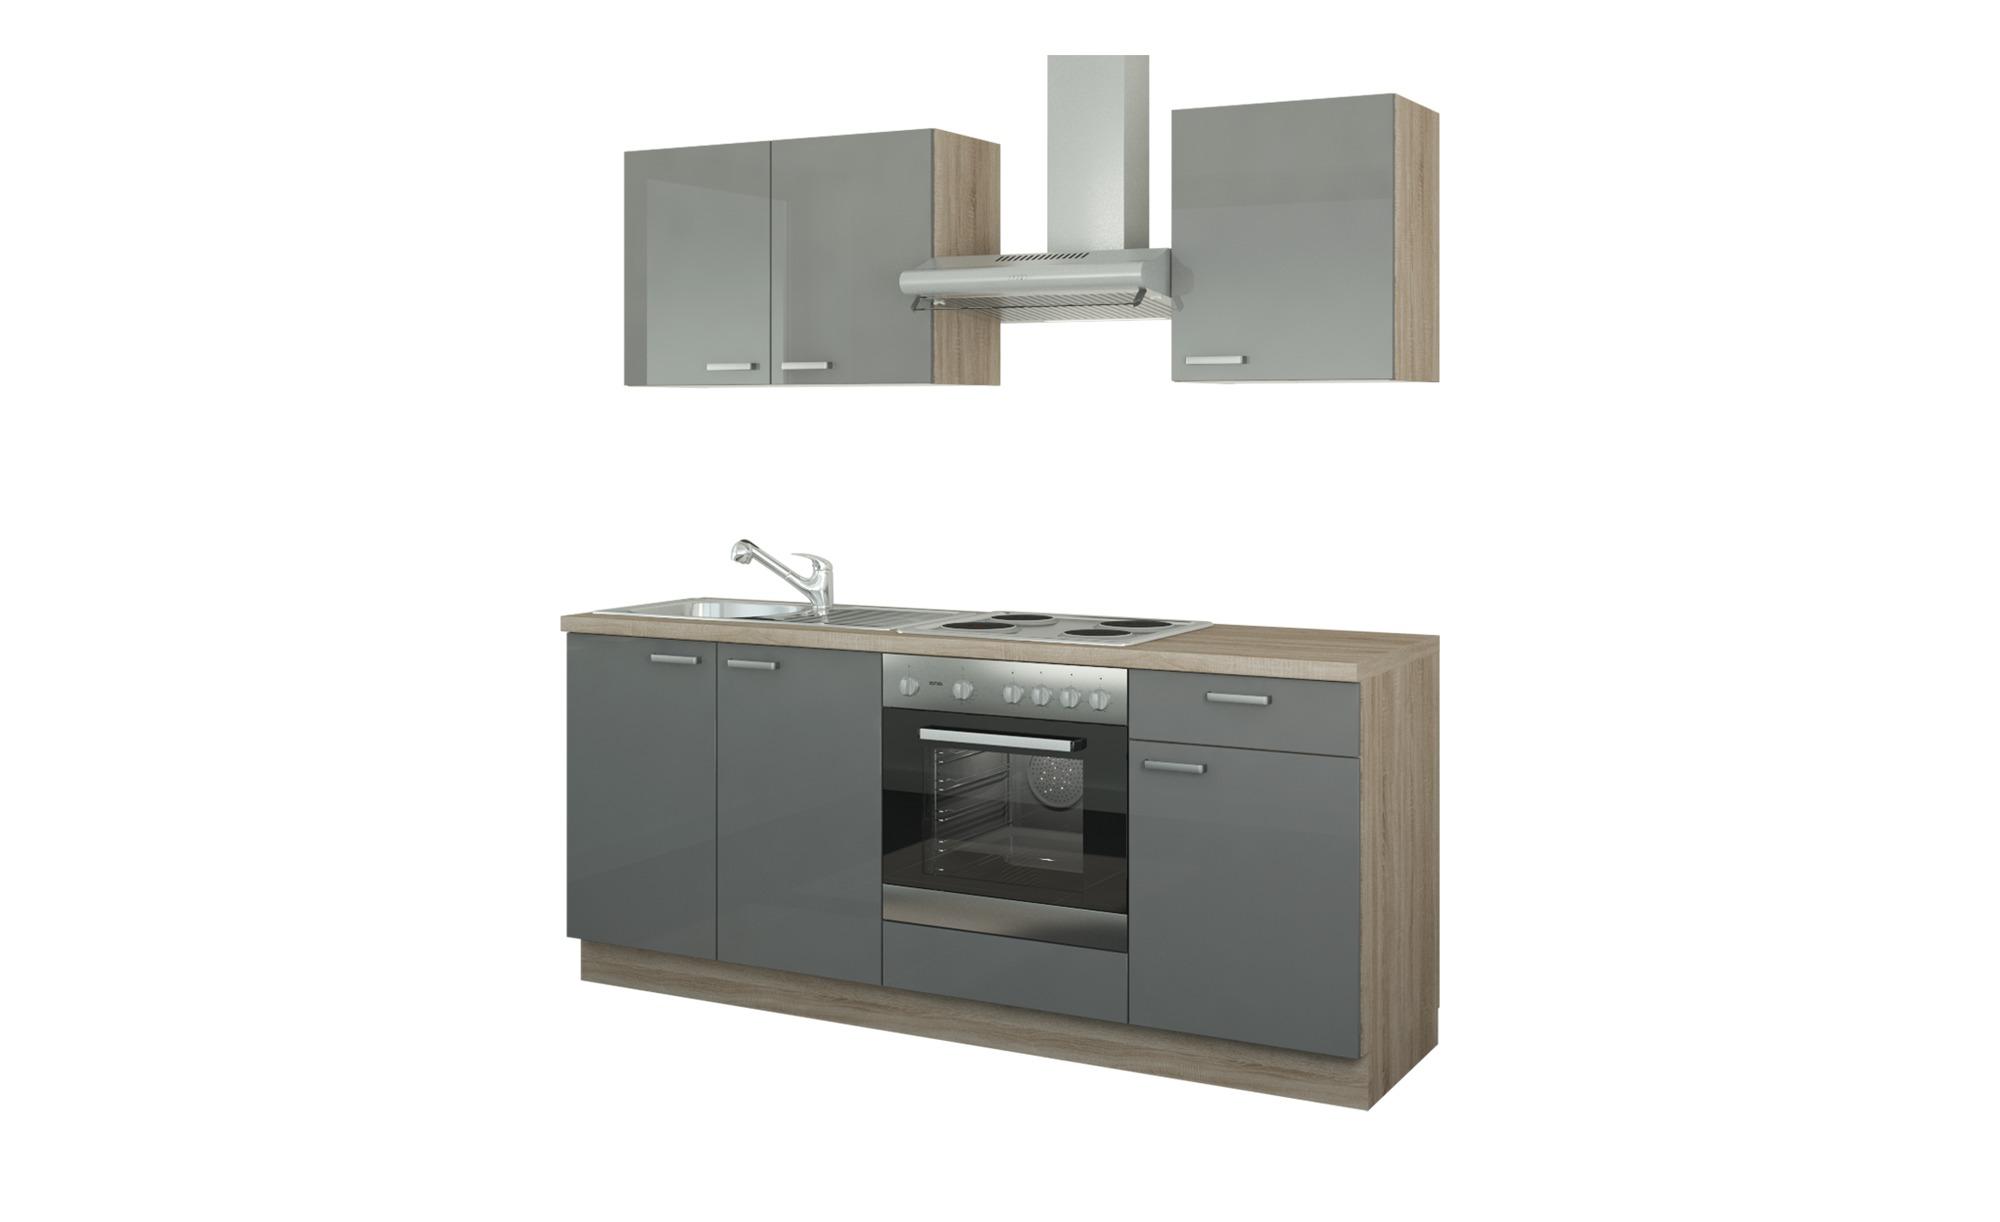 Küchenzeile mit Elektrogeräten  Ahlen ¦ Maße (cm): B: 200 Küchen > Küchenblöcke mit E-Geräten - Höffner | Küche und Esszimmer > Küchen | Möbel Höffner DE